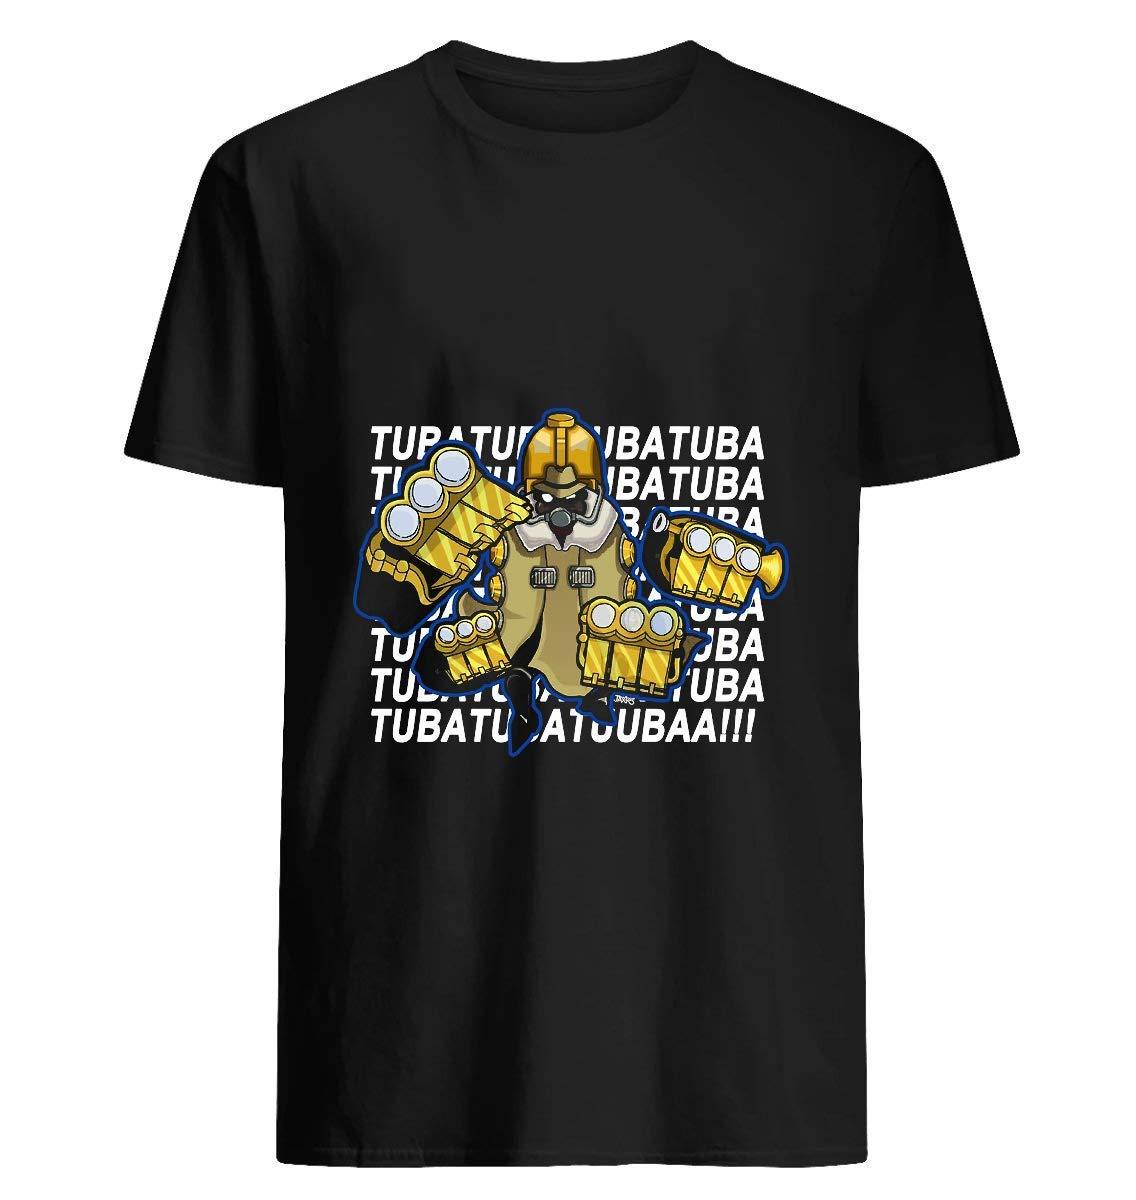 Big Band Tuba Tuba Tuba T Shirt For Unisex